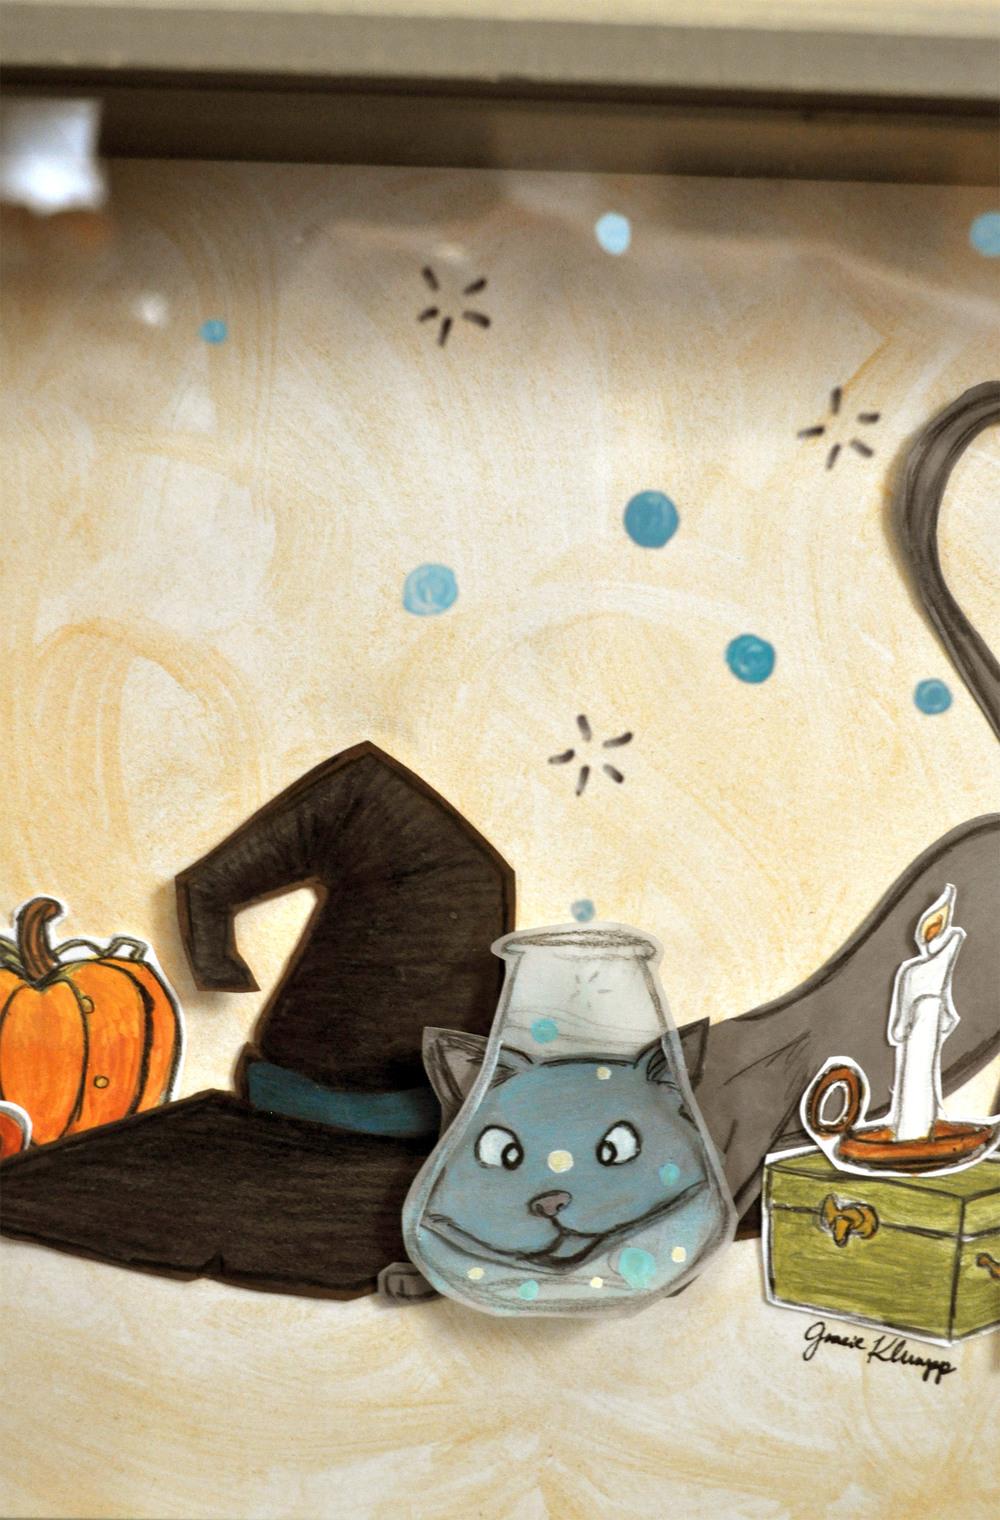 gracie-klumpp-halloween-cat-magic-bubbles-cauldron-art-close-up-web